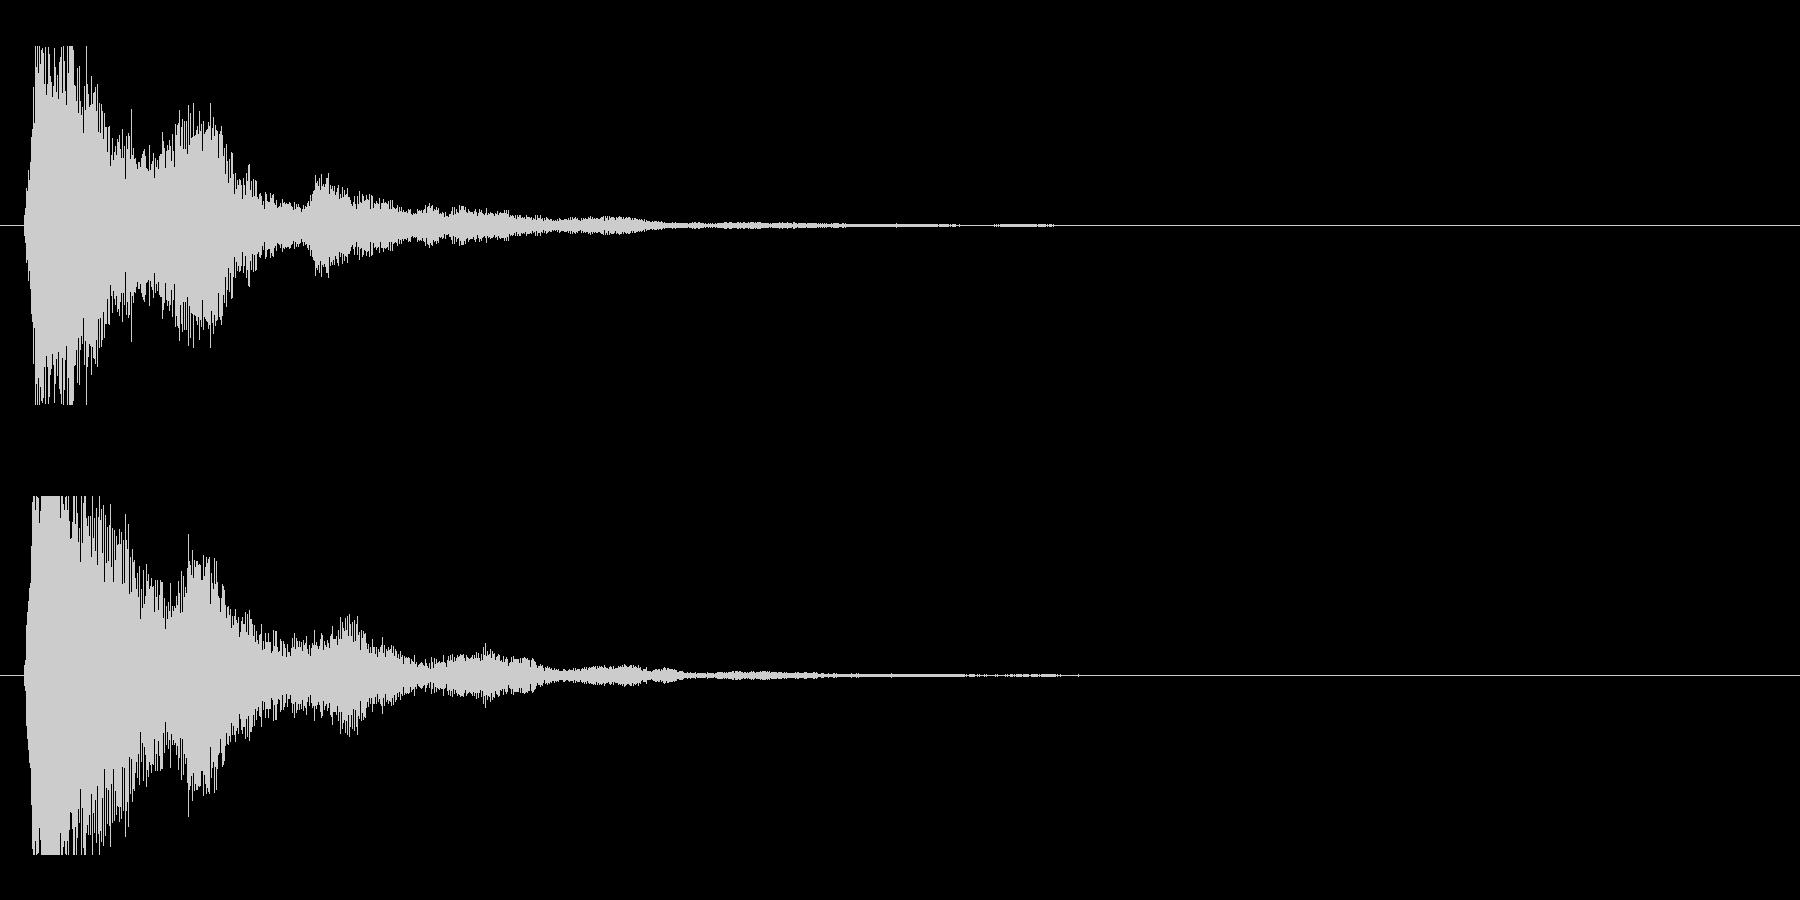 レーザー音-47-2の未再生の波形